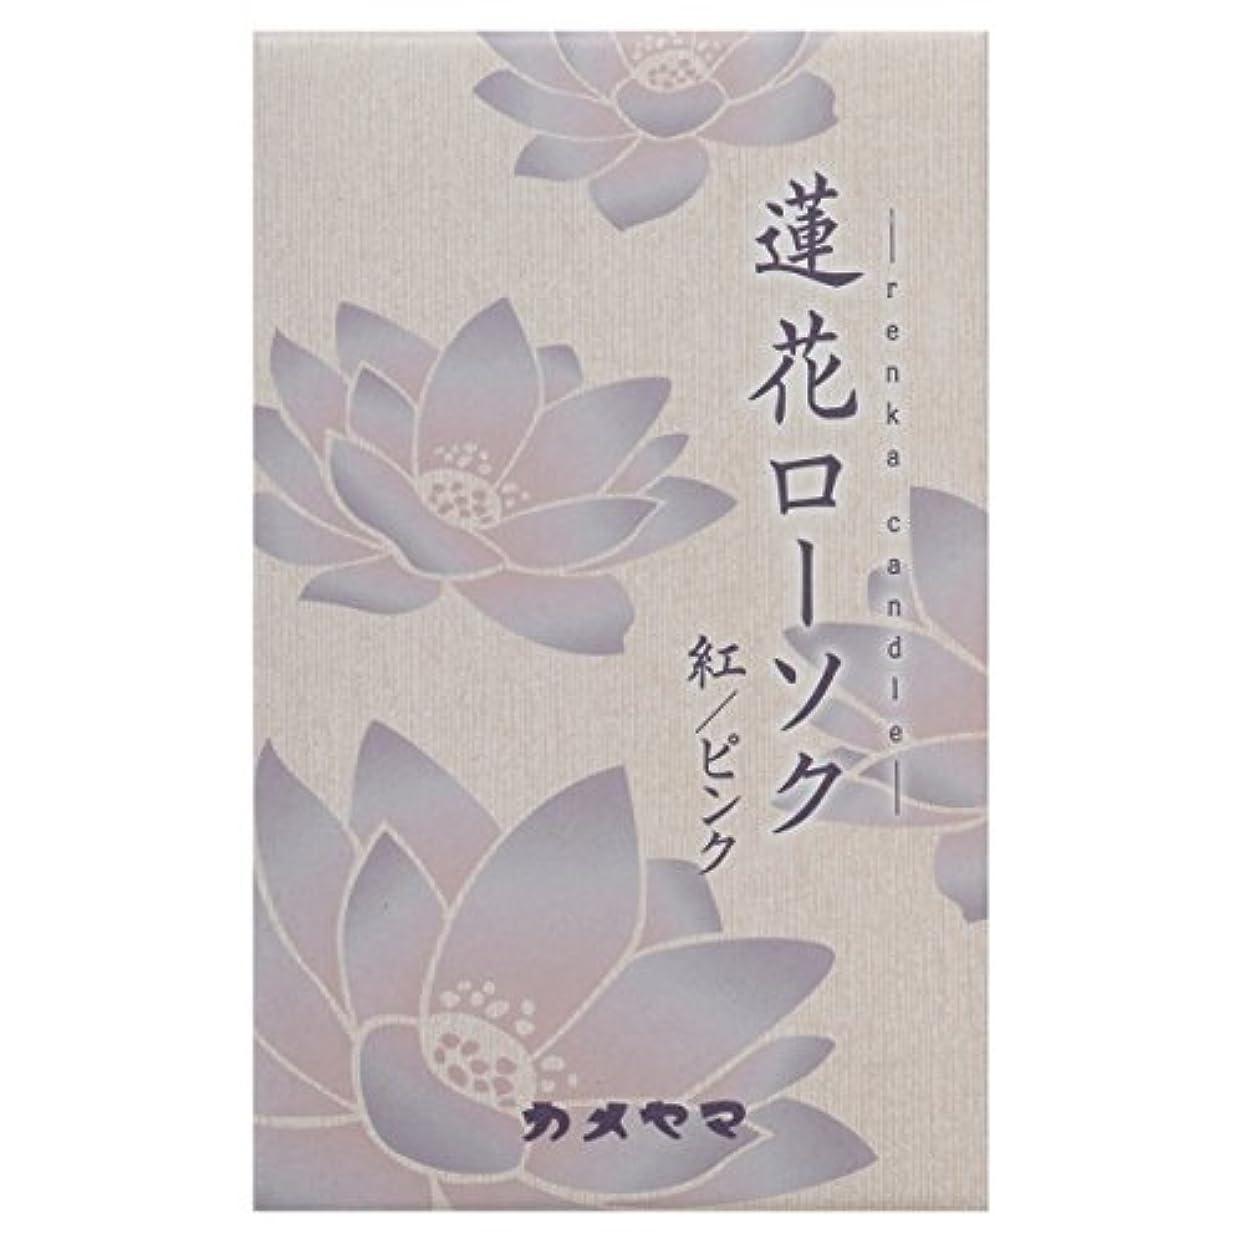 水銀のバイオリニスト悲鳴カメヤマ 5インチ蓮花 紅、ピンク